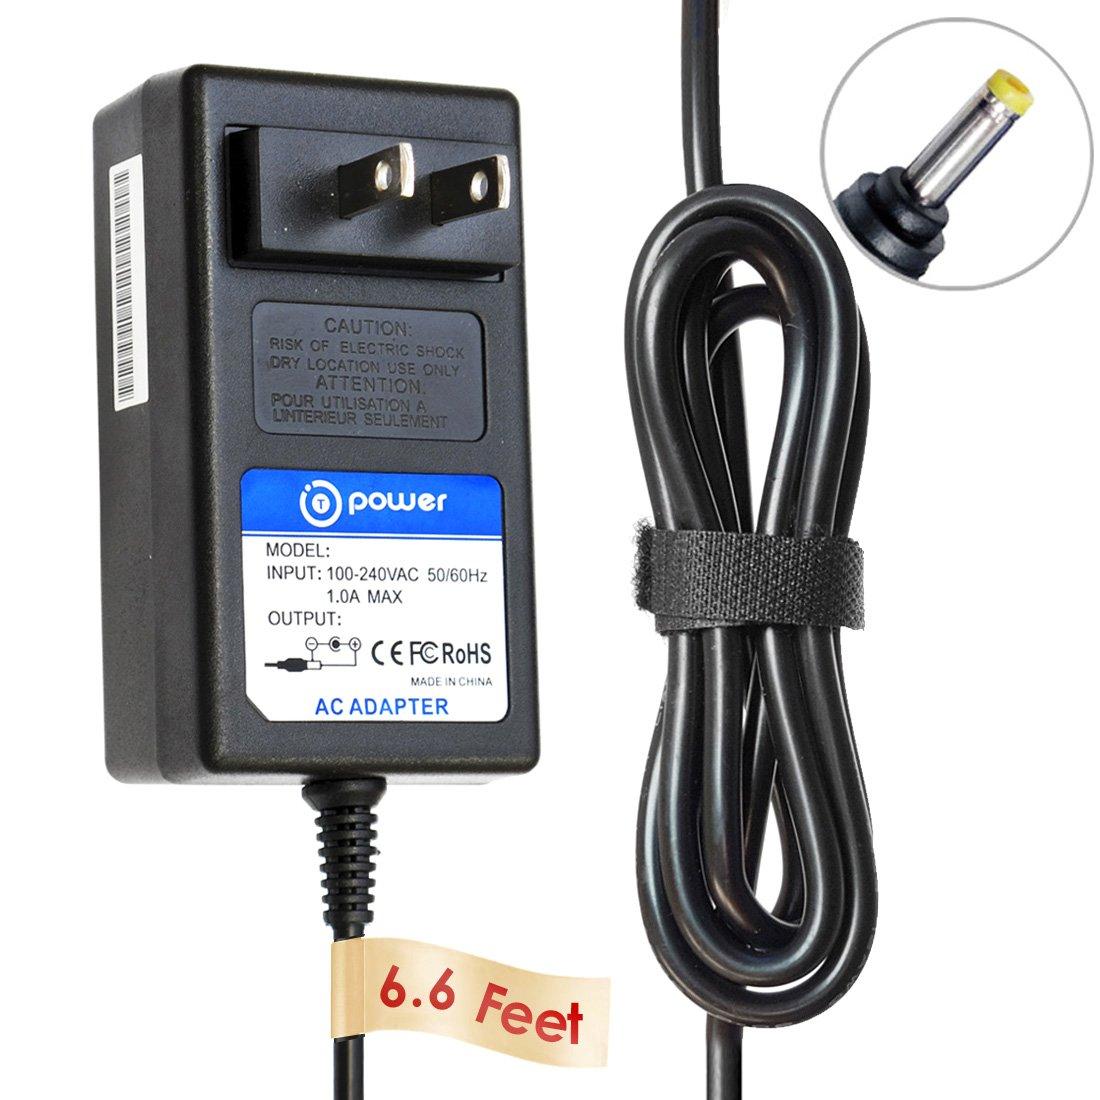 T POWER 31v (6.6ft Long Cable) Ac Dc adapter for HP PhotoSmart 2600, 2610, 2700, 2710 / OfficeJet inkjet 2700 , 7200, 7210, 7300, 7310, 7400, 7410 / DeskJet 955C 959C / Business InkJet 1200d